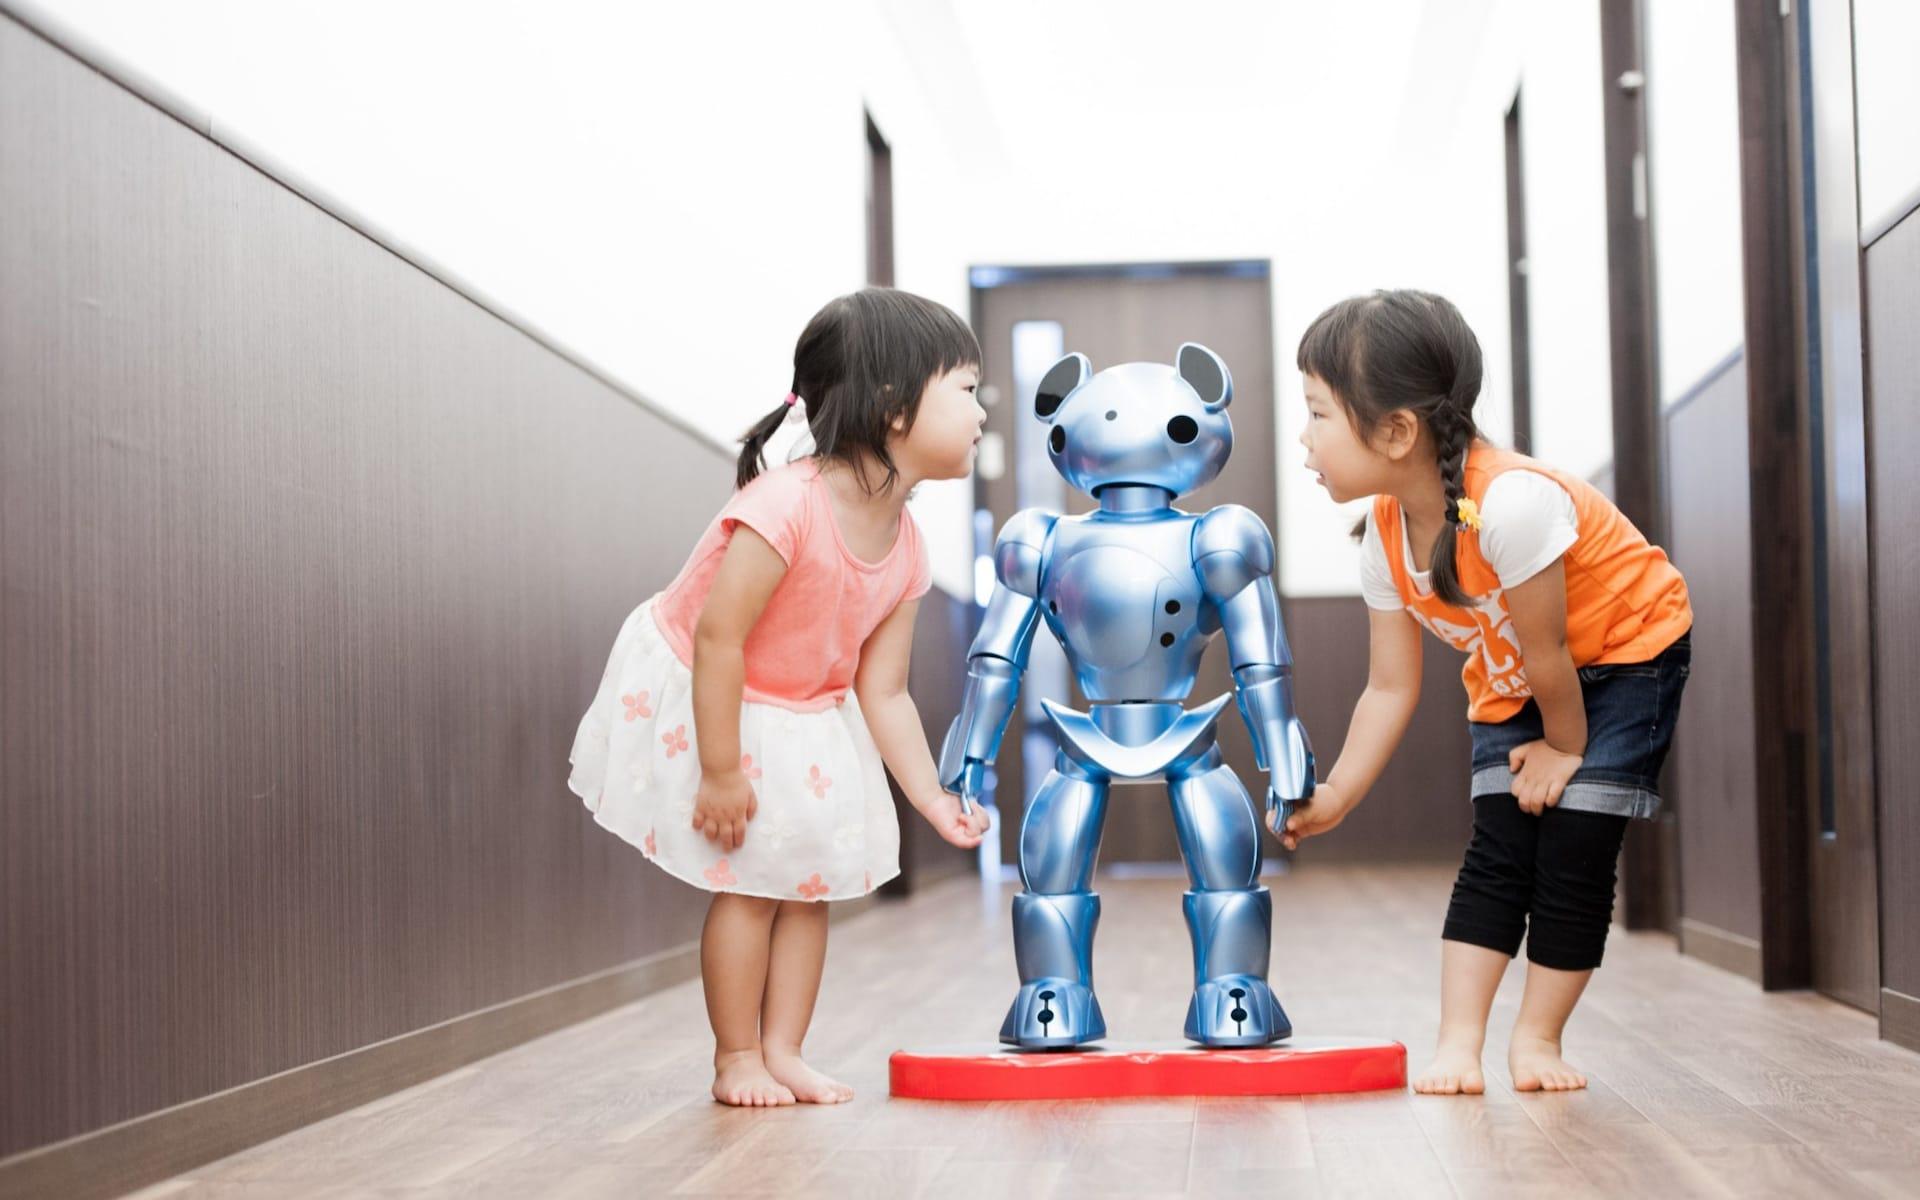 Роботи се грижат за деца в Япония